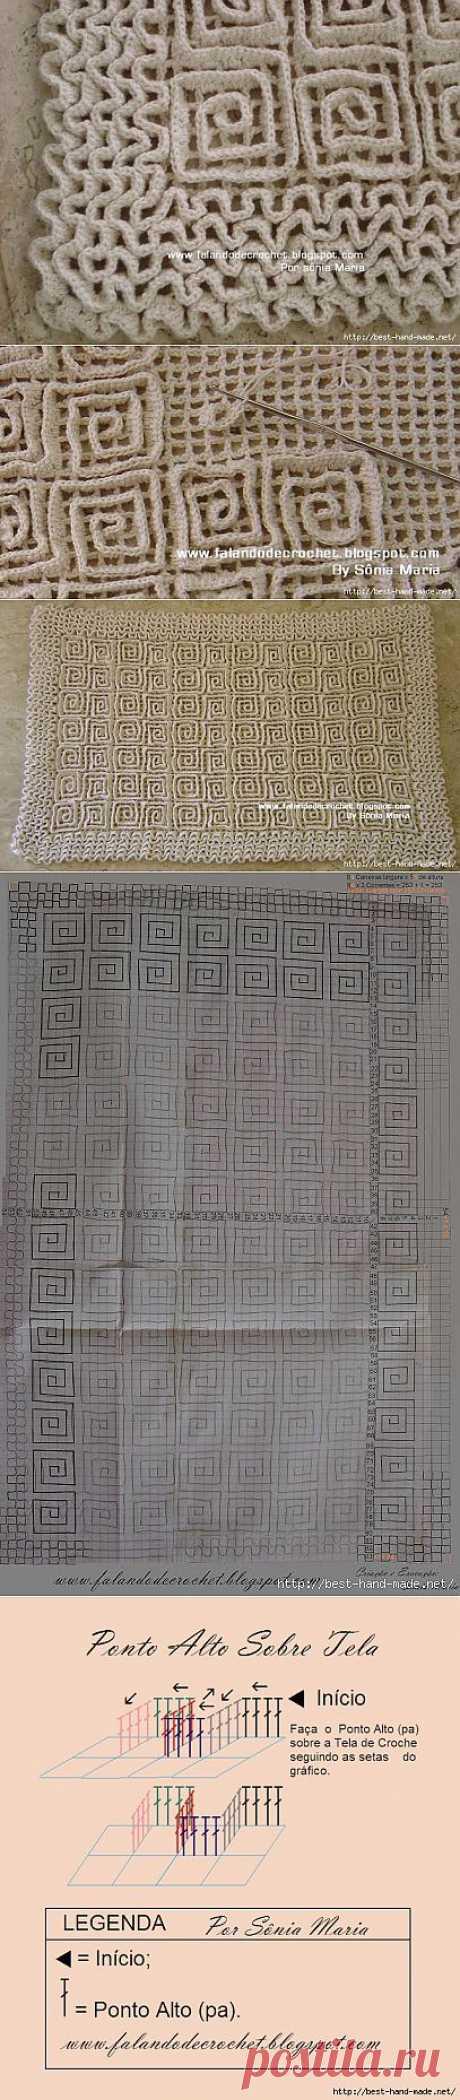 Оригинальные коврики крючком.